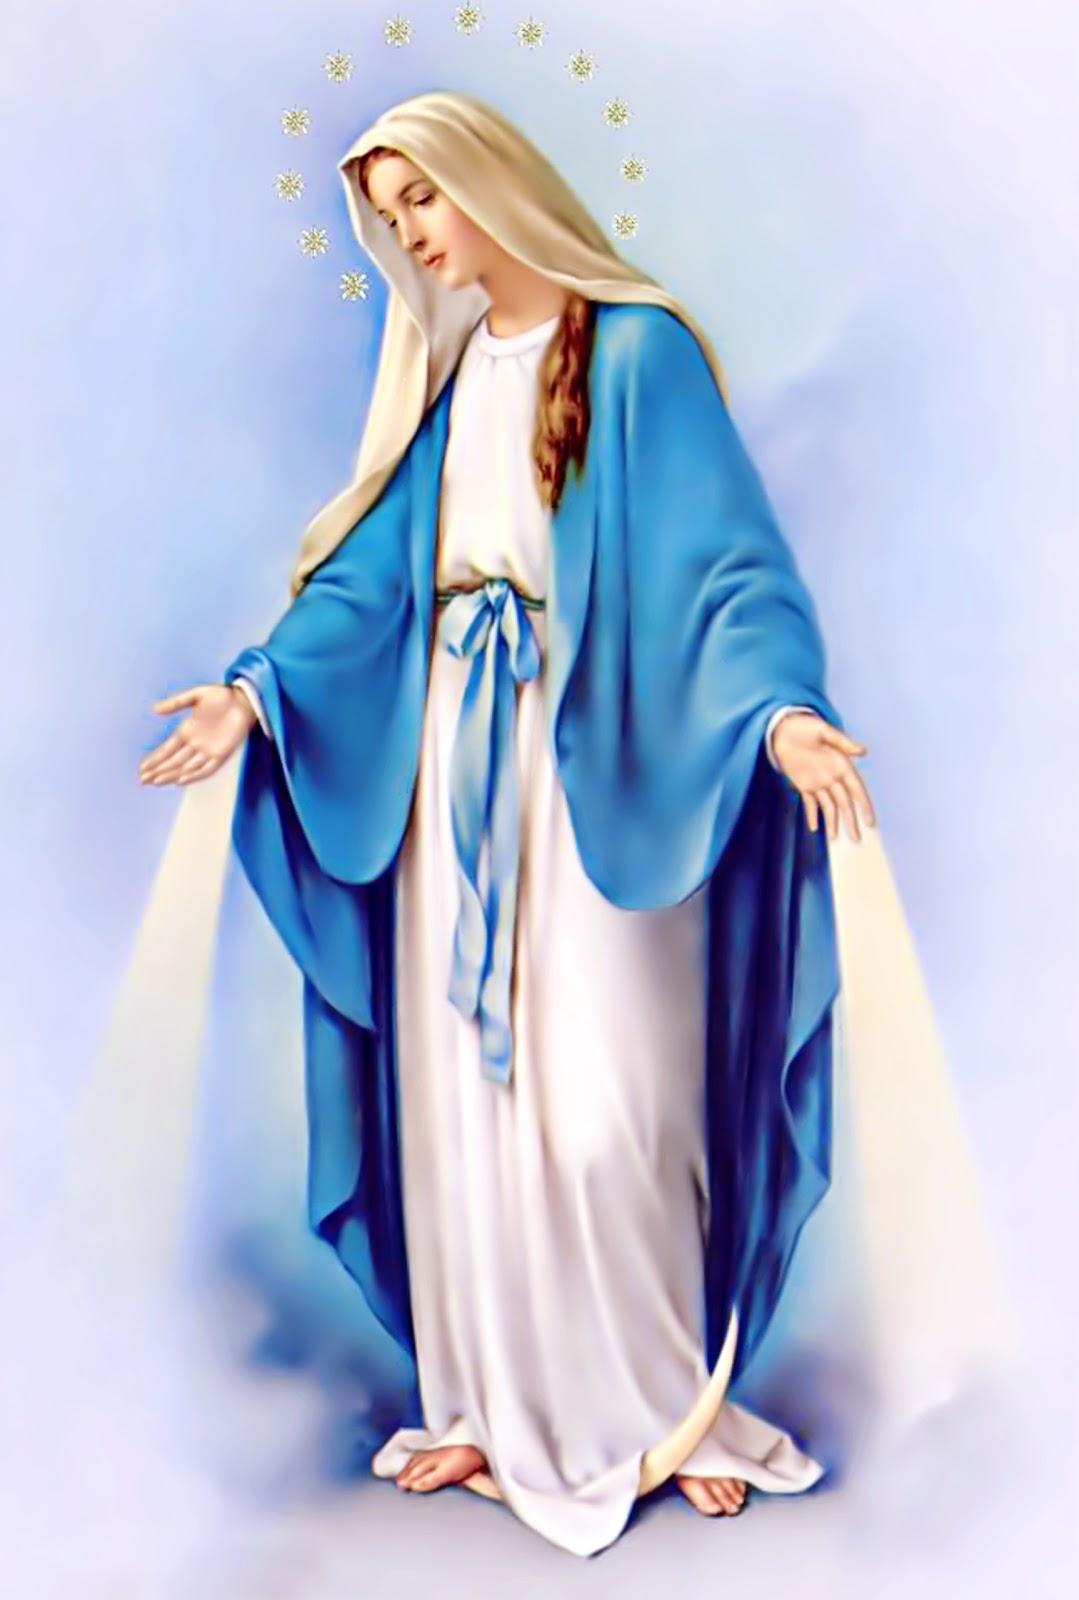 GIO X THUN PHT C MARIA V NHIM NGUYN TI